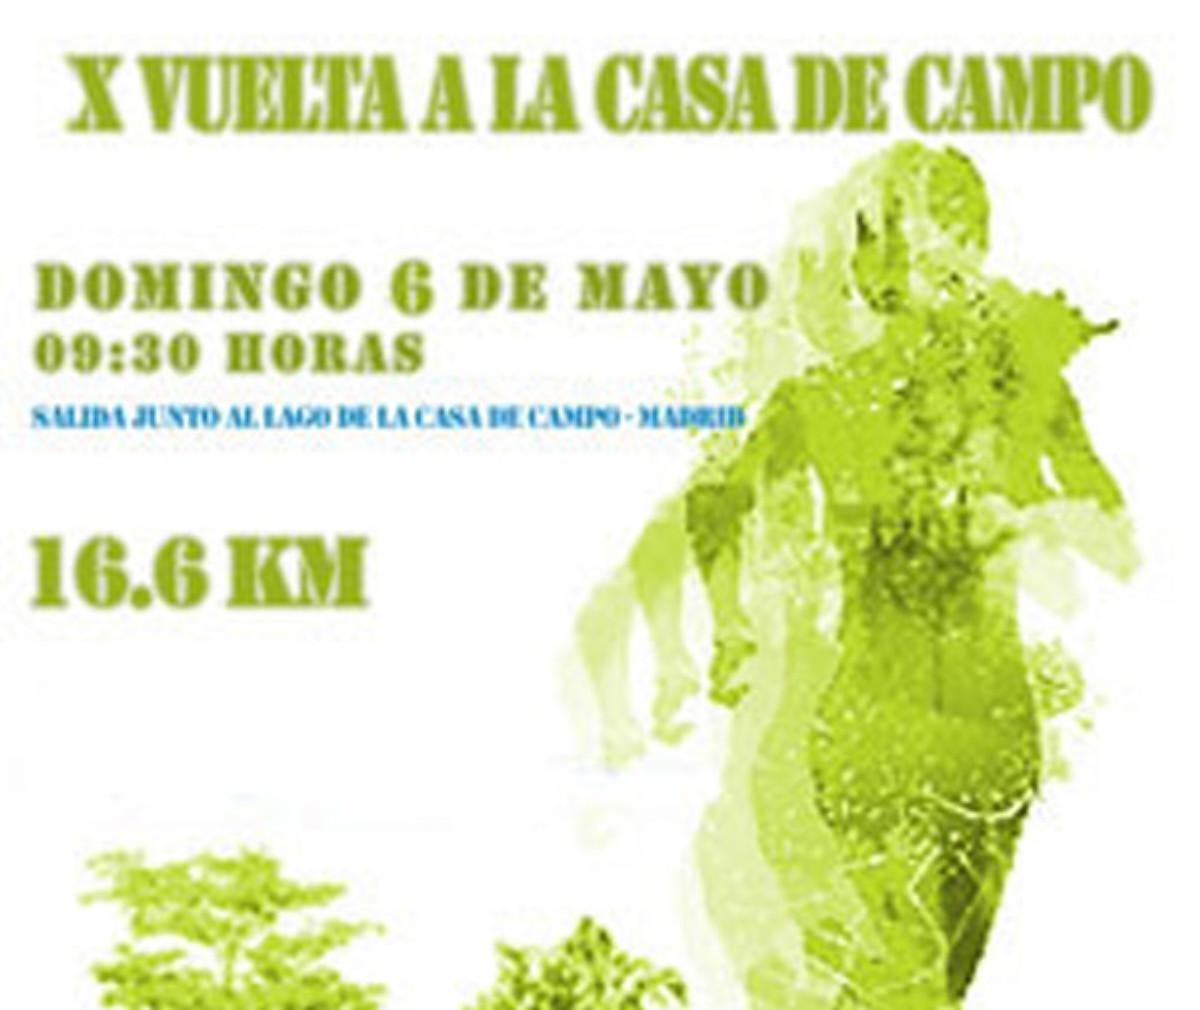 La X Vuelta a la Casa de Campo